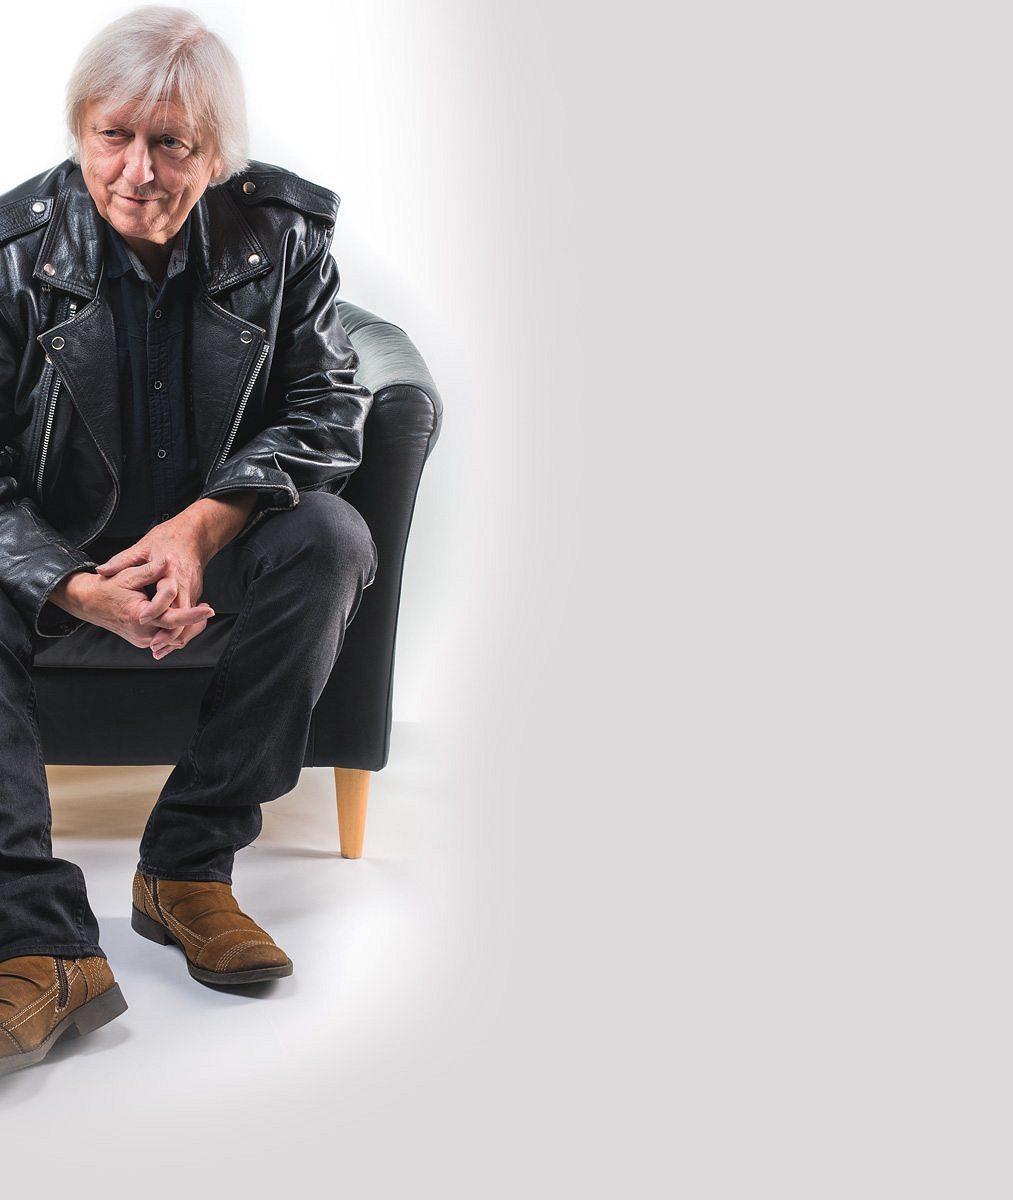 Smutek po zesnulé manželce léčí prací. Václav Neckář přichází s něčím novým, na co čekal půl století